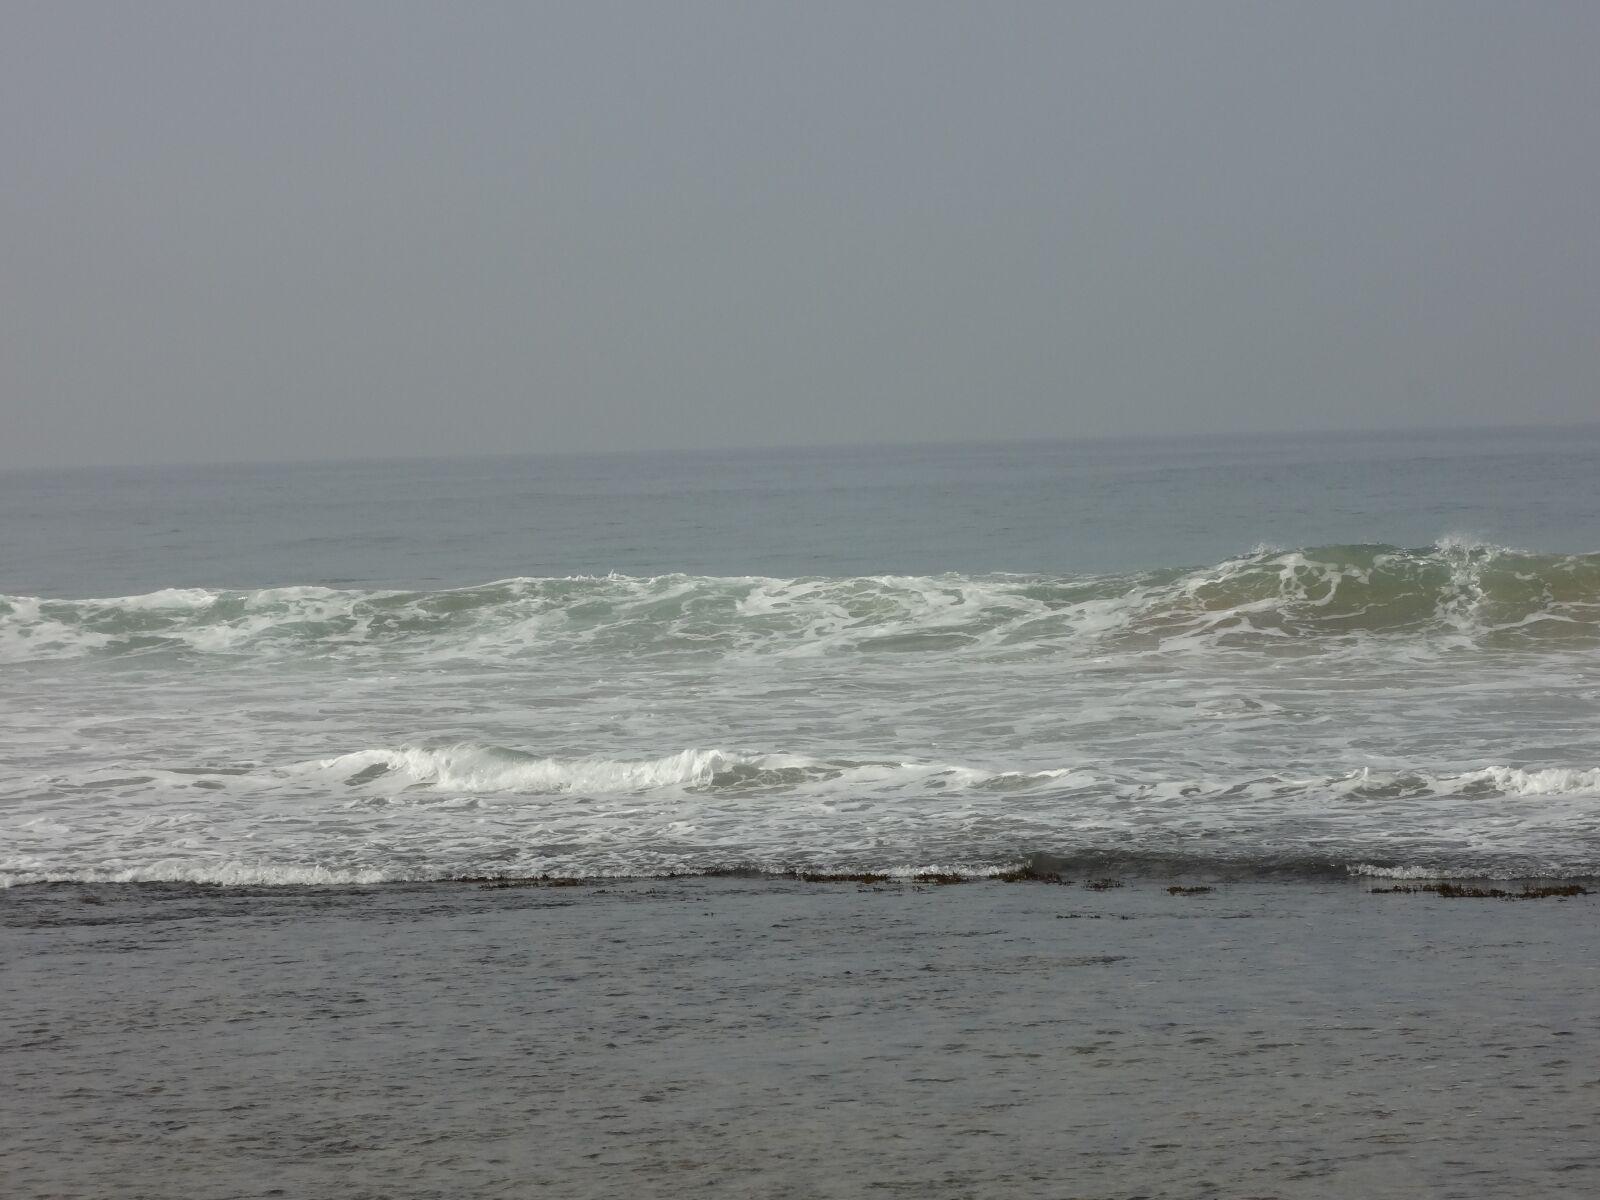 ocean, sea, ocean wave